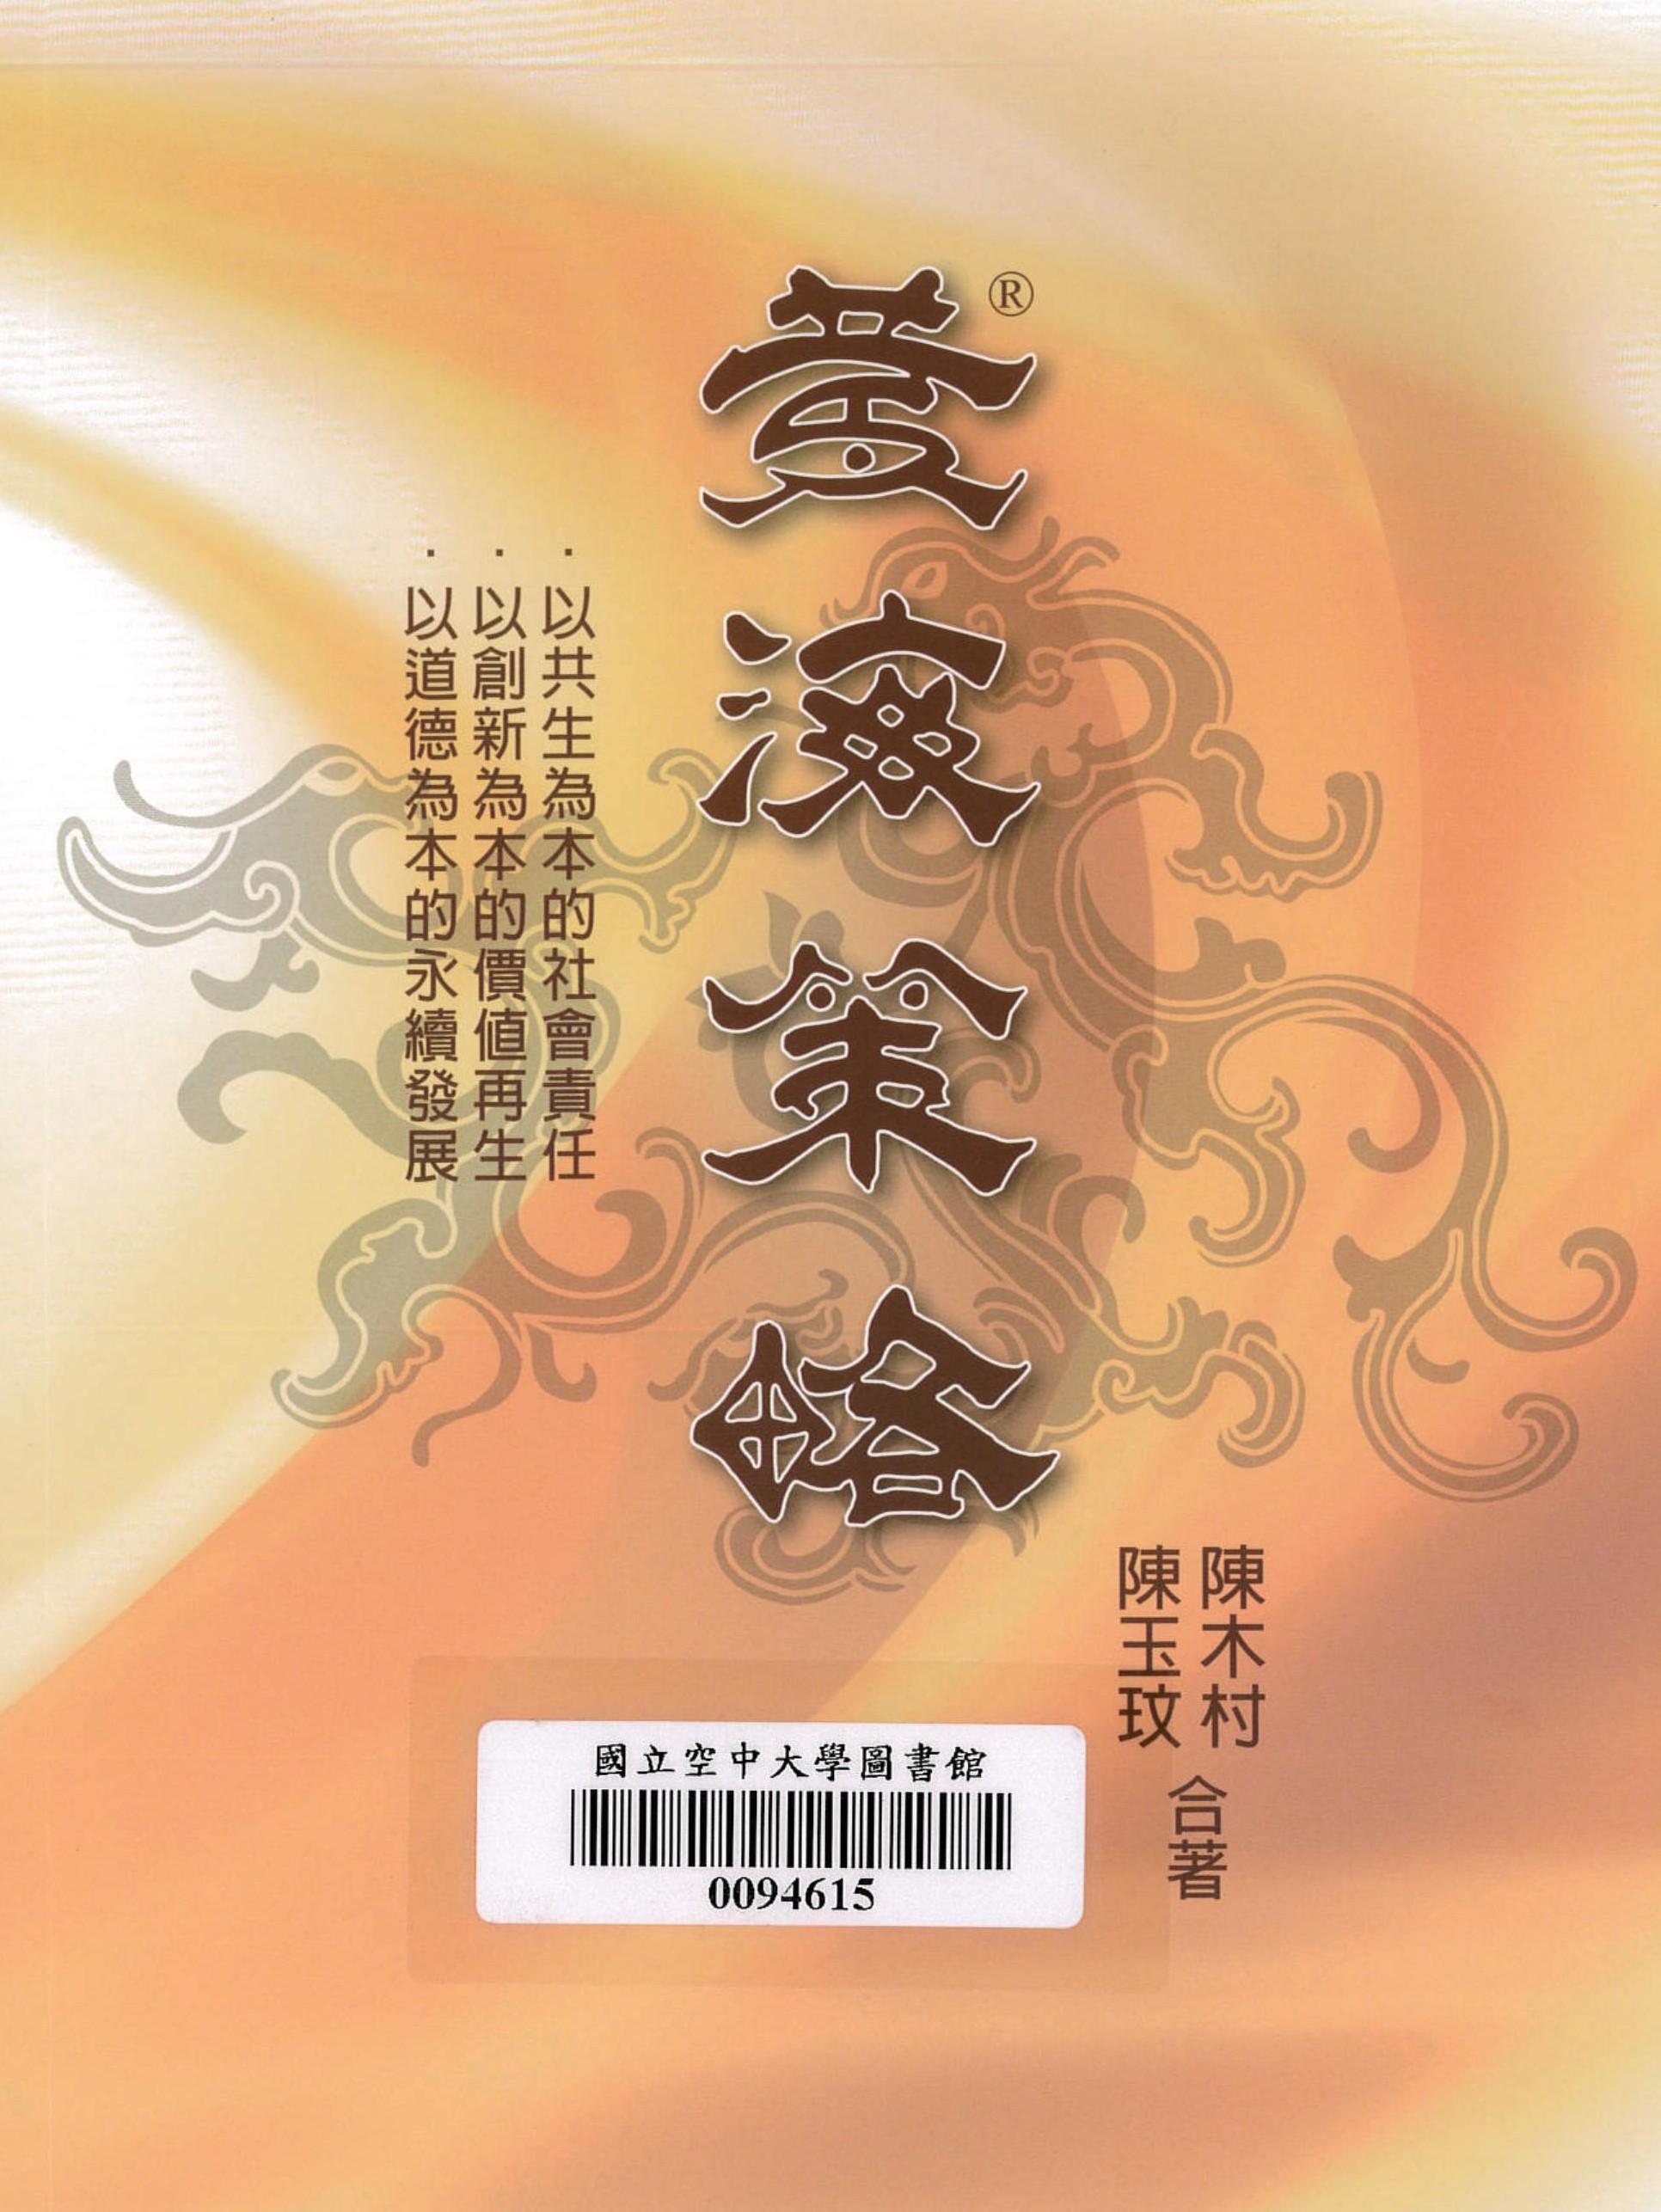 黃海策略/ 陳玉玟, 陳木村合著